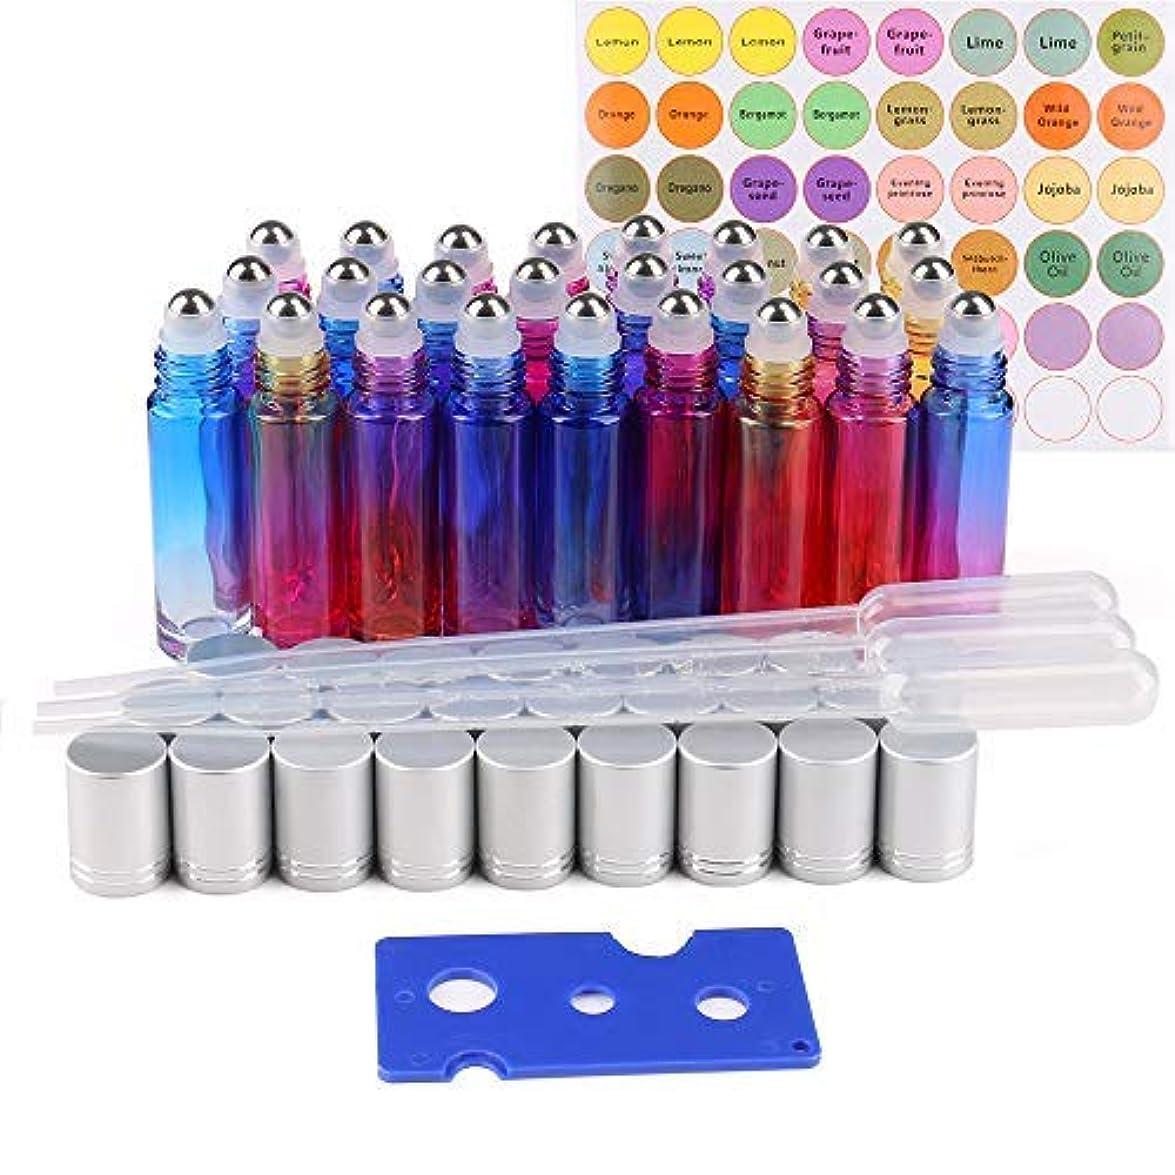 電気の政府細い25 Pack Essential Oil Roller Bottles, 10ml Gradient Color Roll on Bottles with Stainless Steel Roller Balls for...